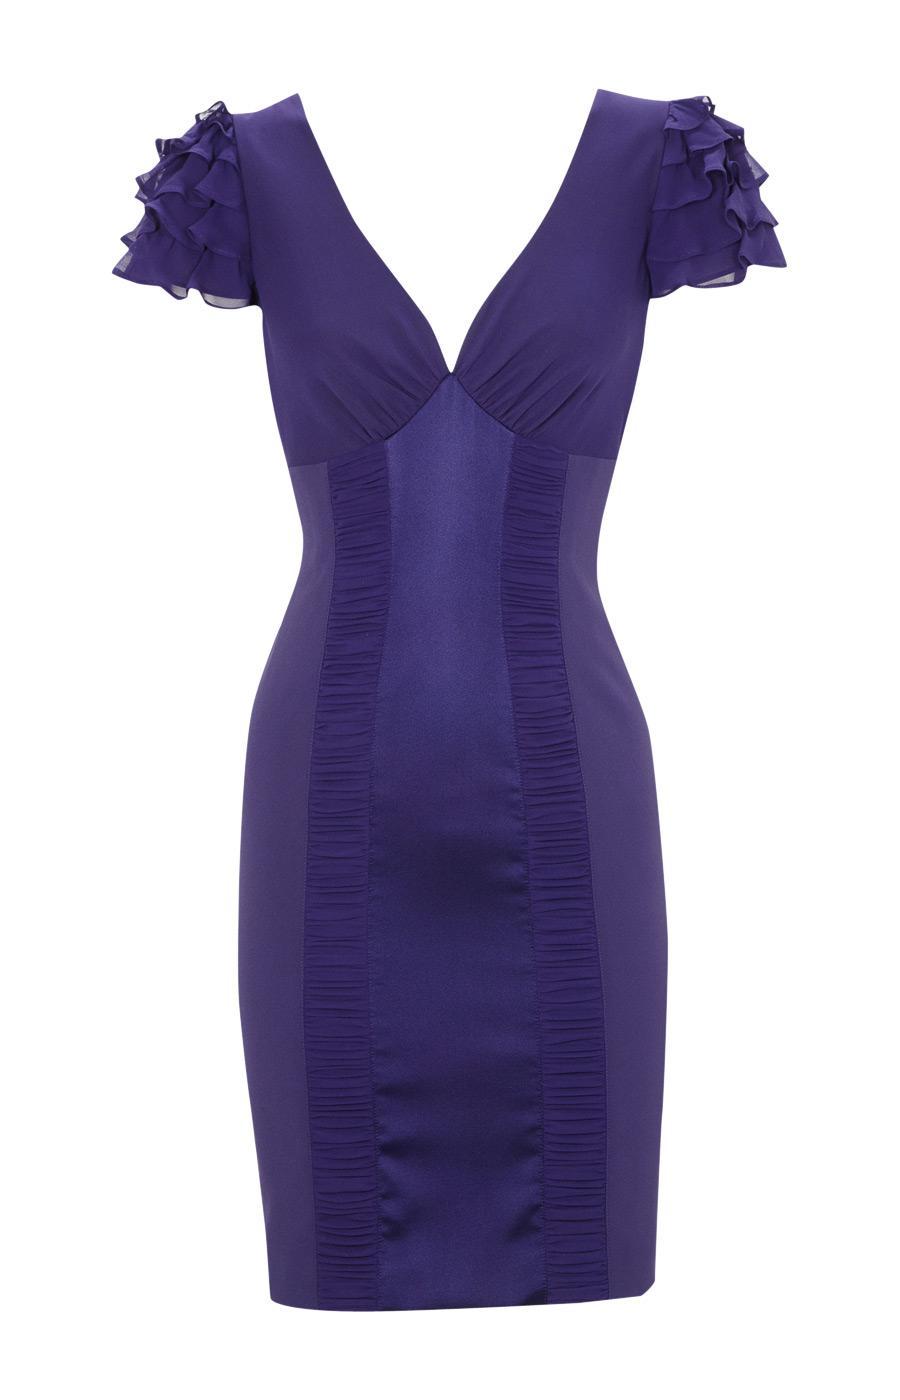 1Karen-Millen-Lingerie-Dress-Purples_d1h_-101.jpg